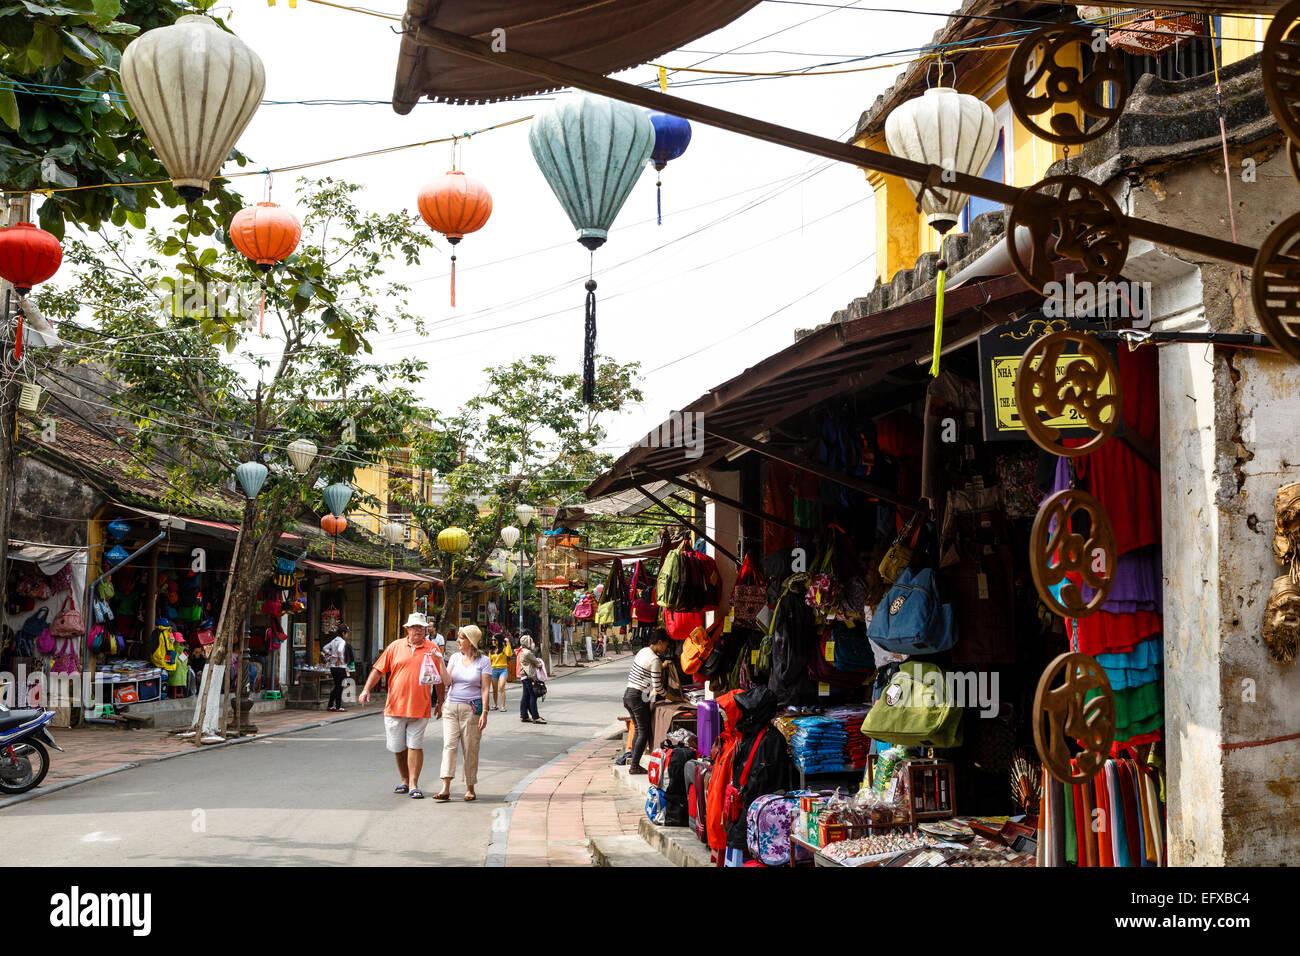 Escena callejera, Hoi An, Vietnam. Imagen De Stock